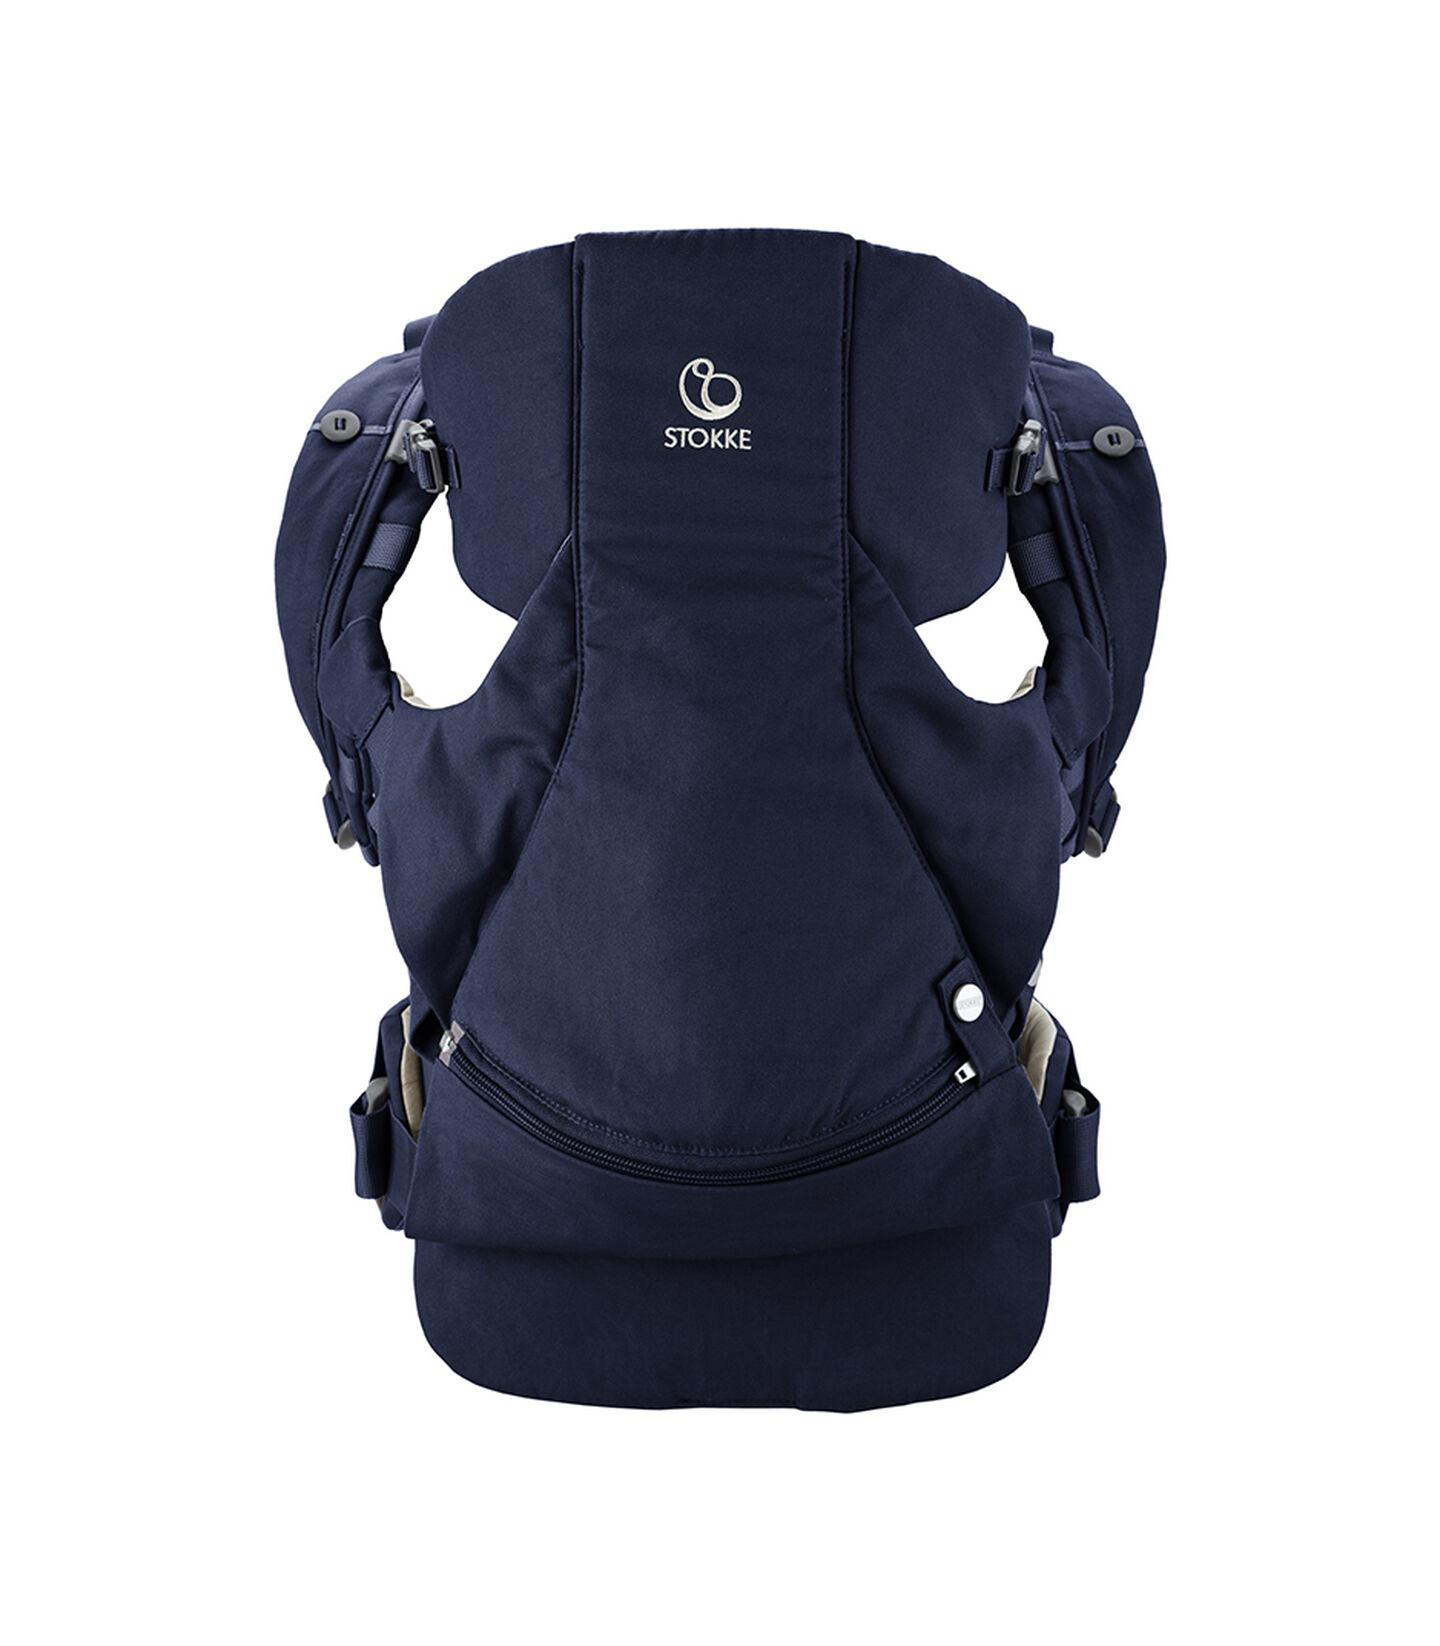 Stokke® MyCarrier™ nosidło przednie Deep Blue, Deep Blue, mainview view 1